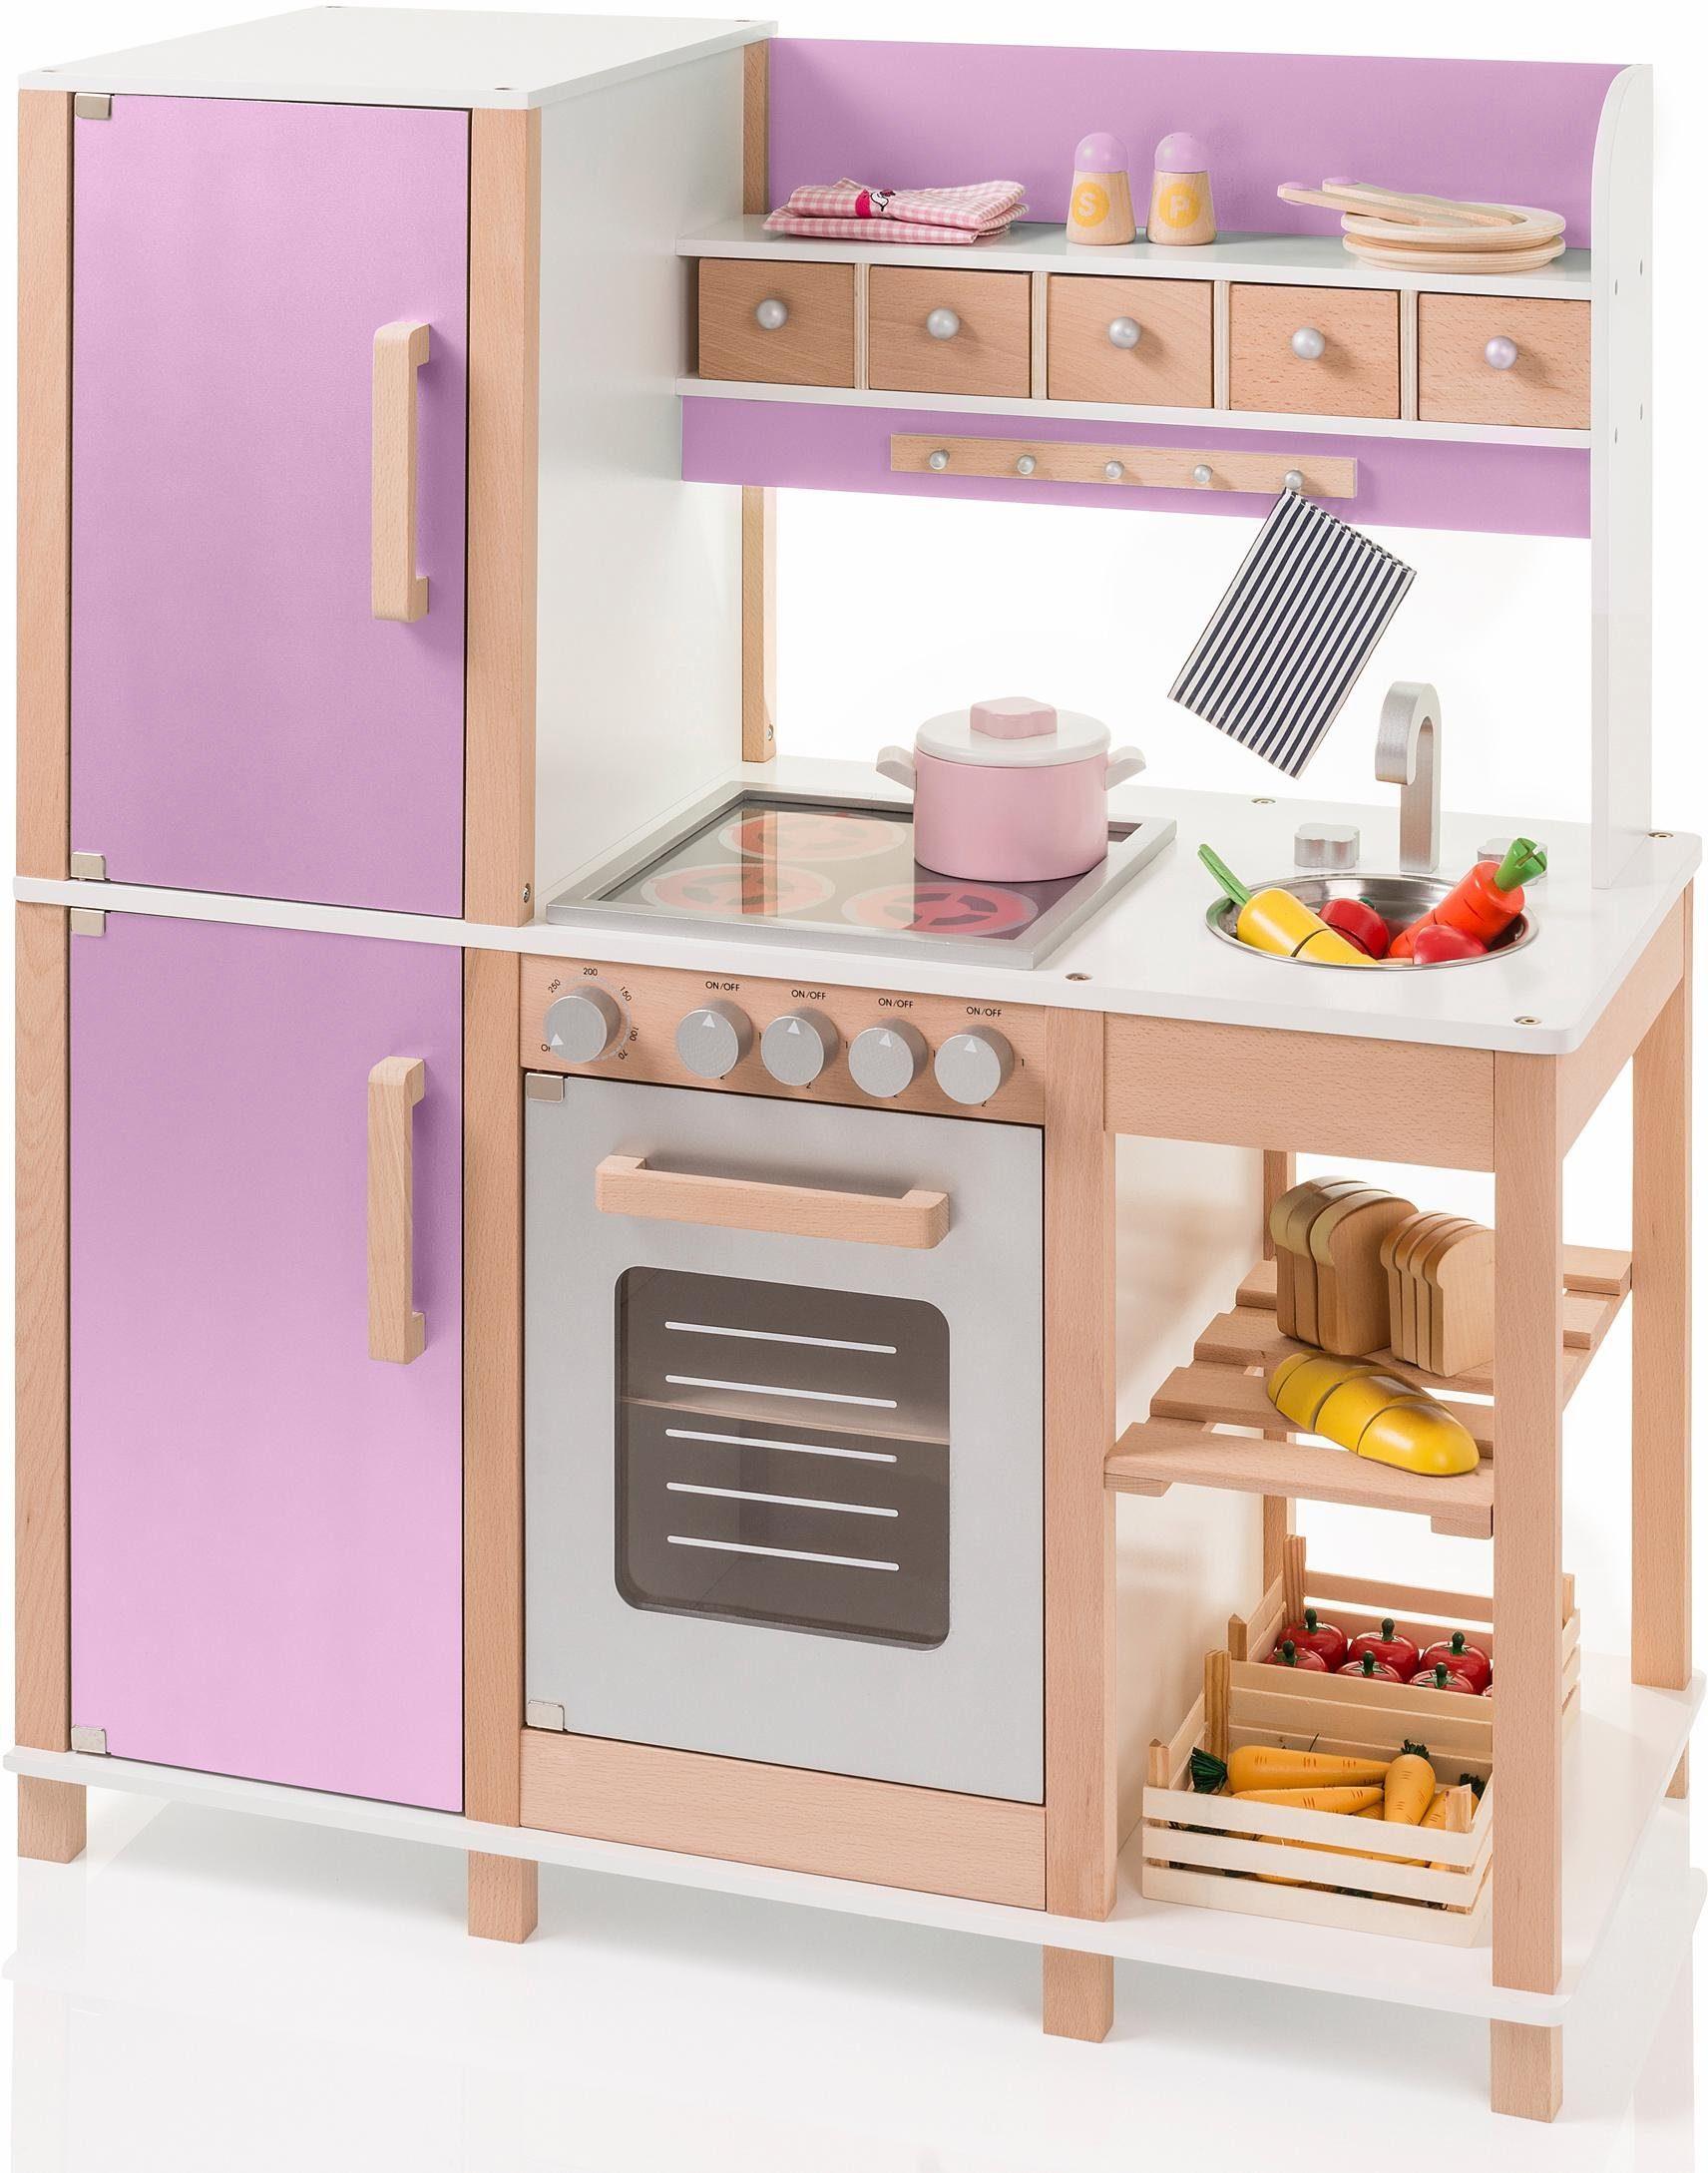 Full Size of Spielküche Spielkche Zubehr Disco Led Fahrradklingel Fun Klingel Kinder Wohnzimmer Spielküche